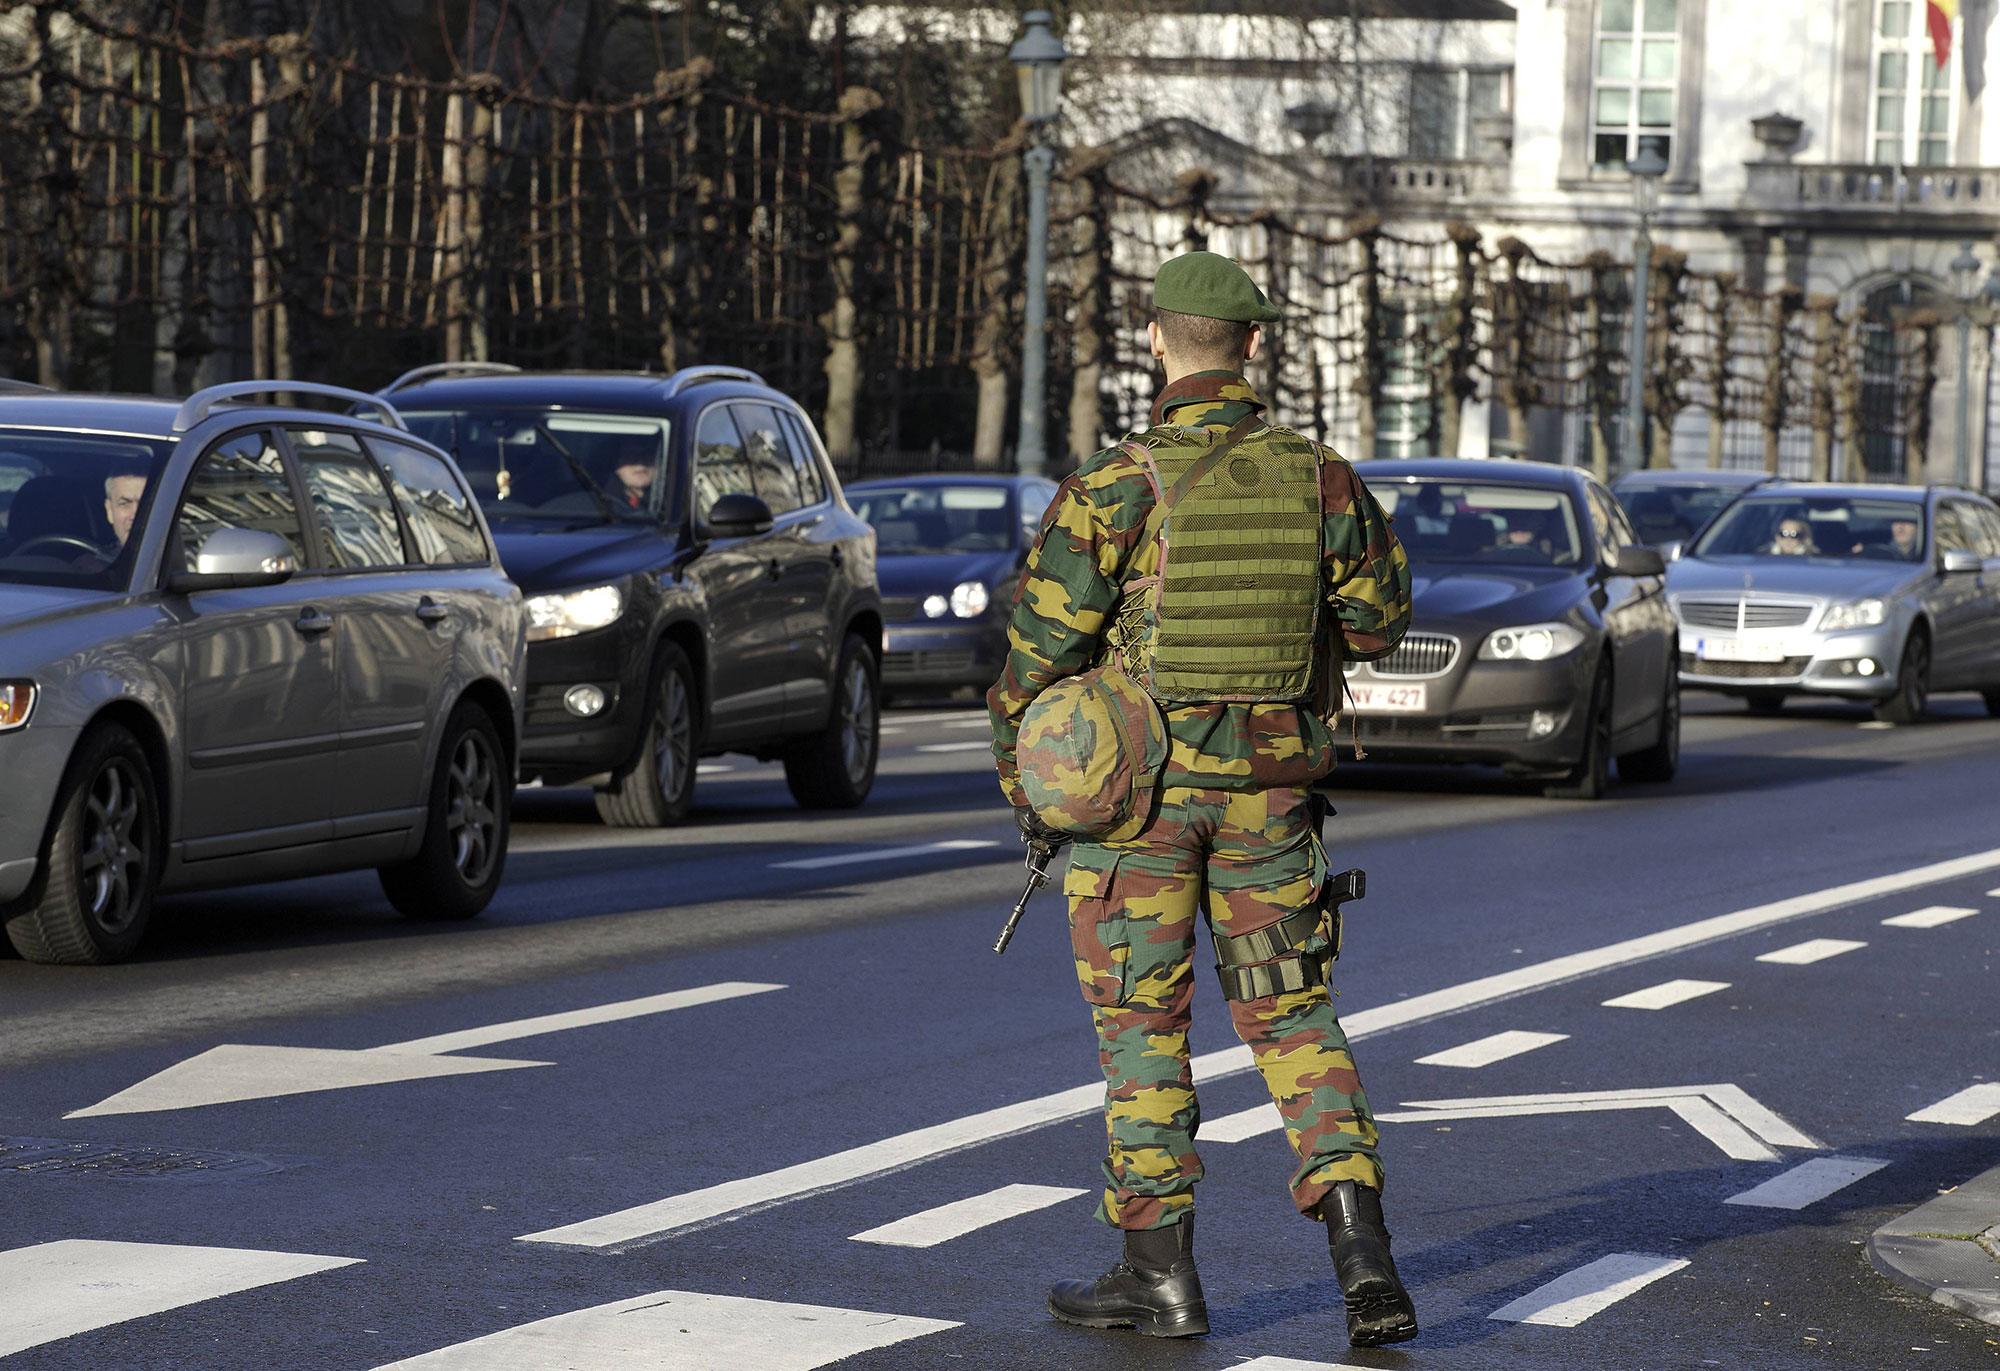 Vigilance accrue dans notre pays à la suite des attaques terroristes récentes en Europe